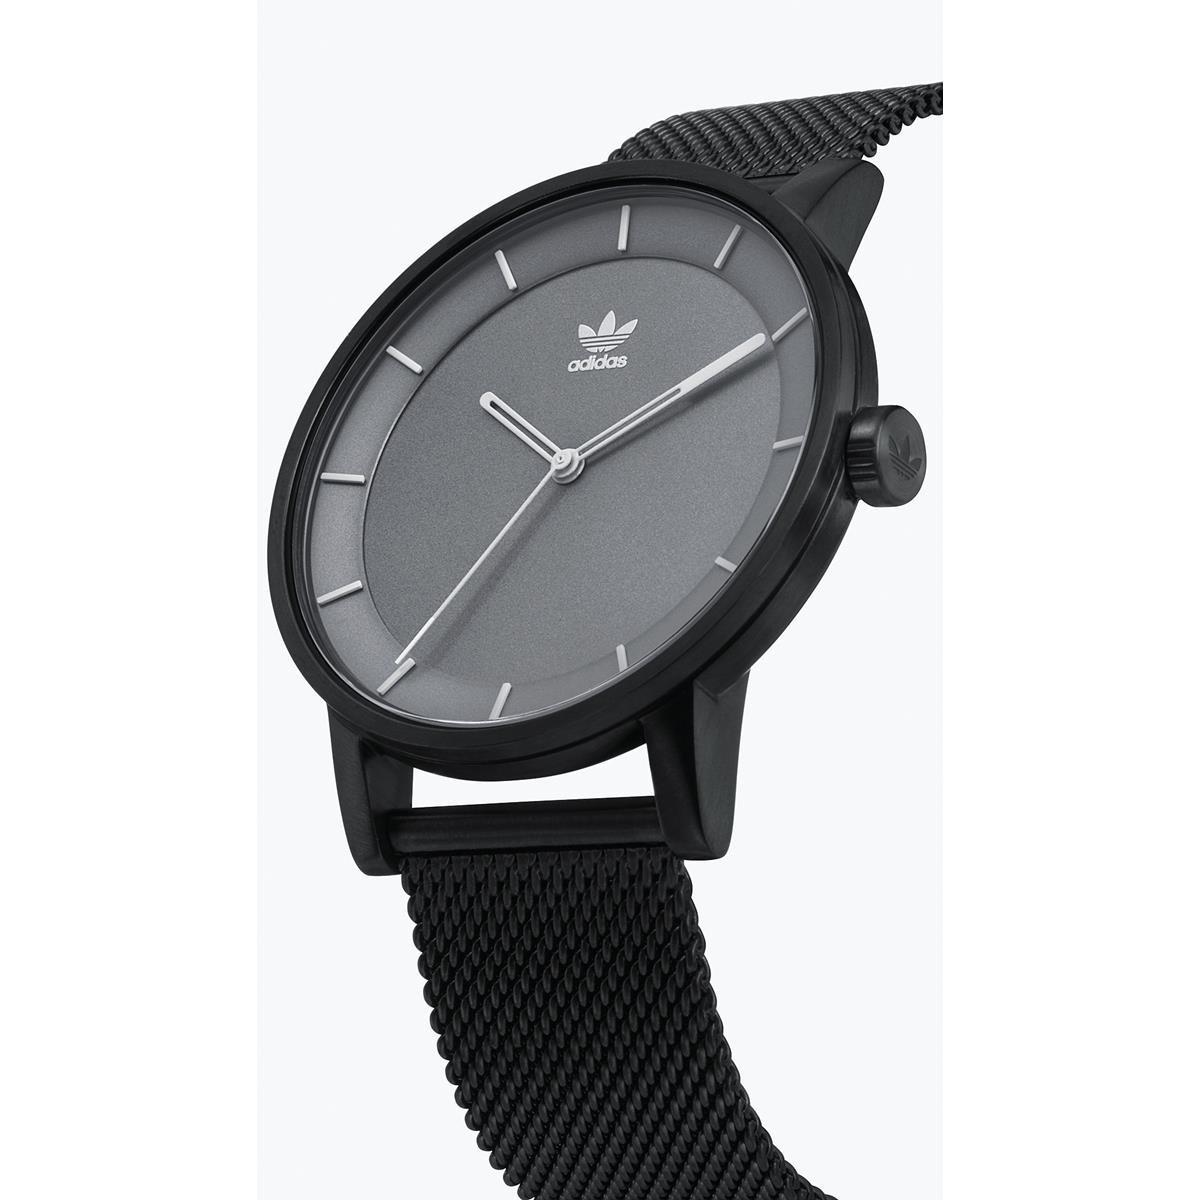 Adidas by Nixon Reloj Analogico para Hombre de Cuarzo con Correa en Acero  Inoxidable Z04-2068-00 244666bfe4e